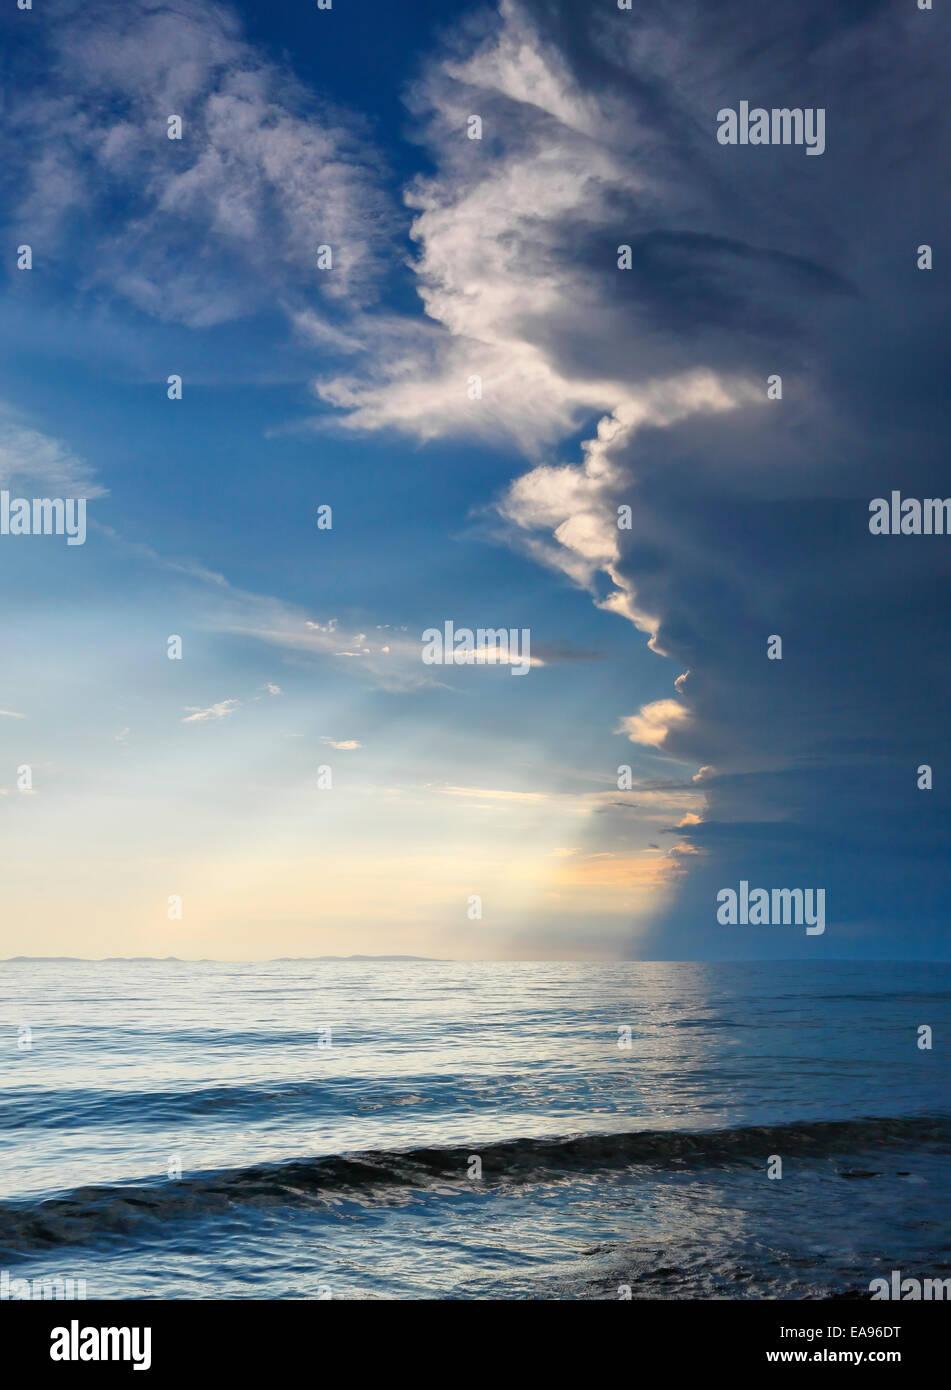 Les nuages de tempête sur l'océan Photo Stock